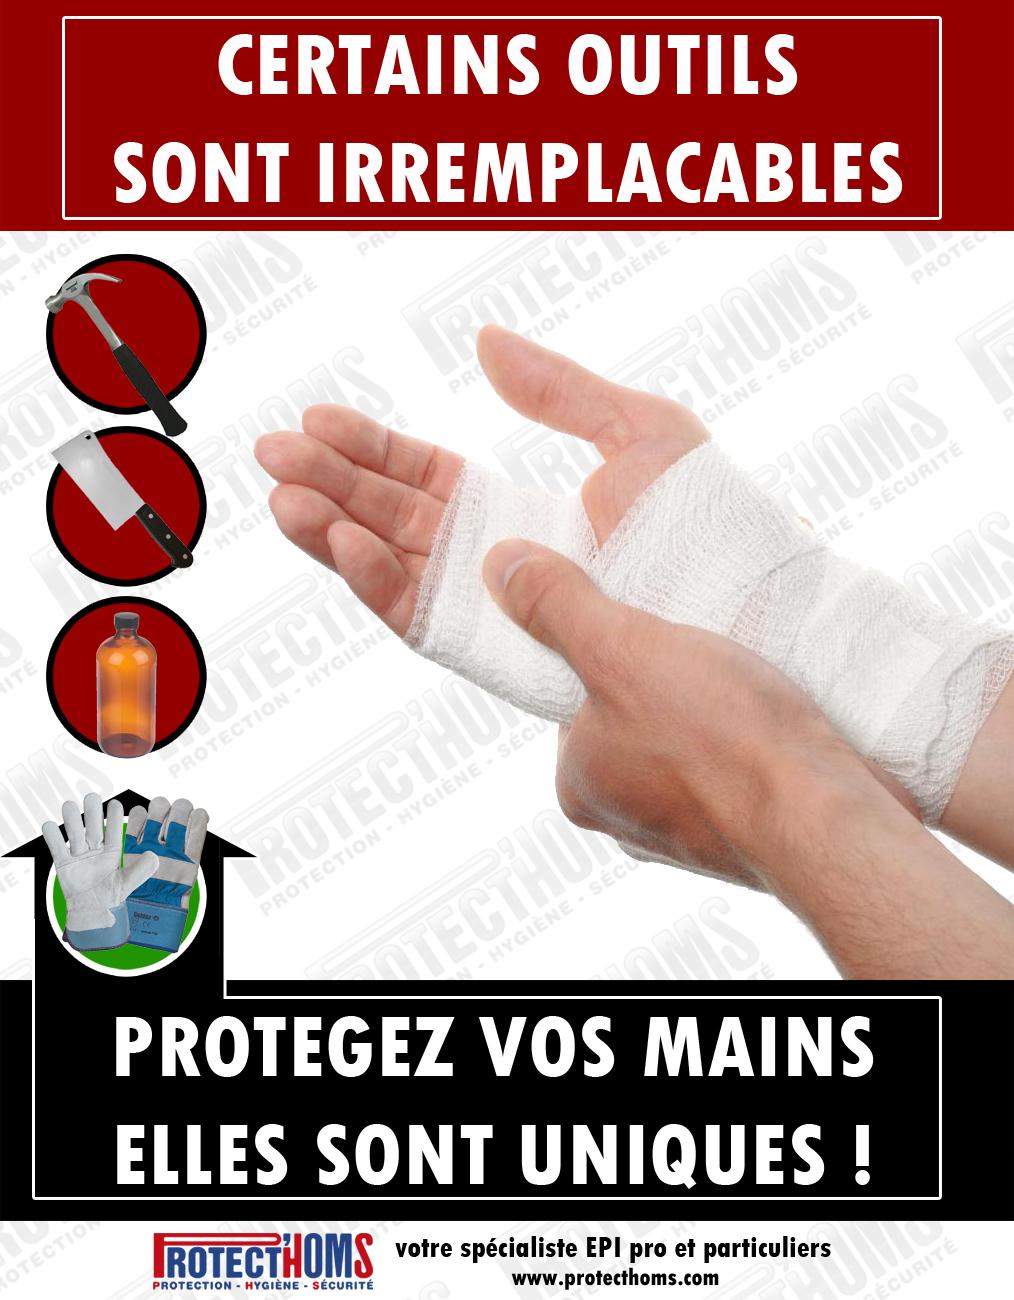 certains-outils-sont-irremplacables-protegez-vos-mains-protecthoms